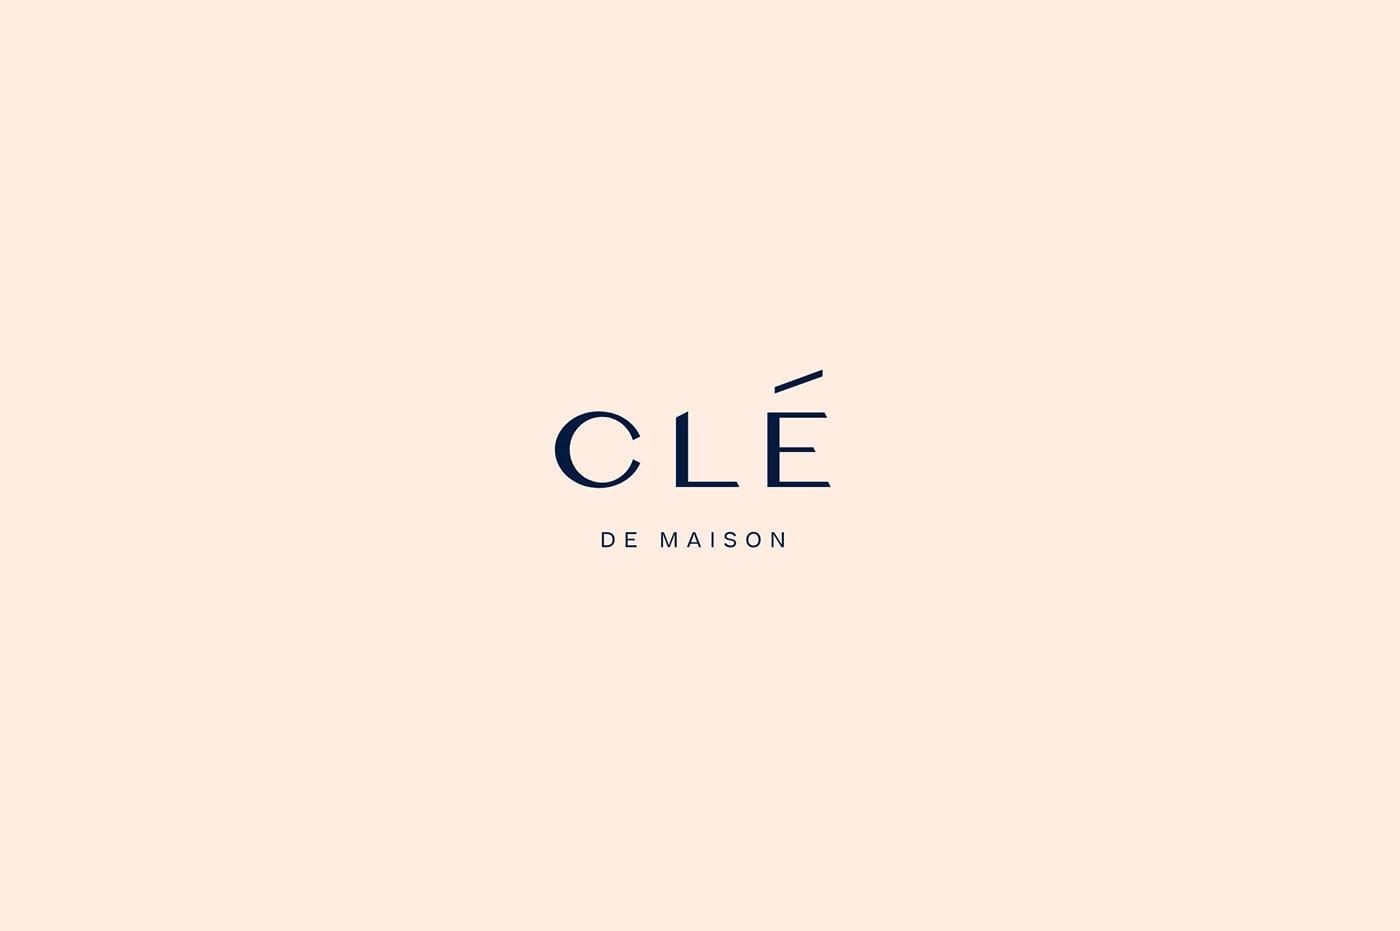 Clé de Maison室内设计工作室品牌形象设计